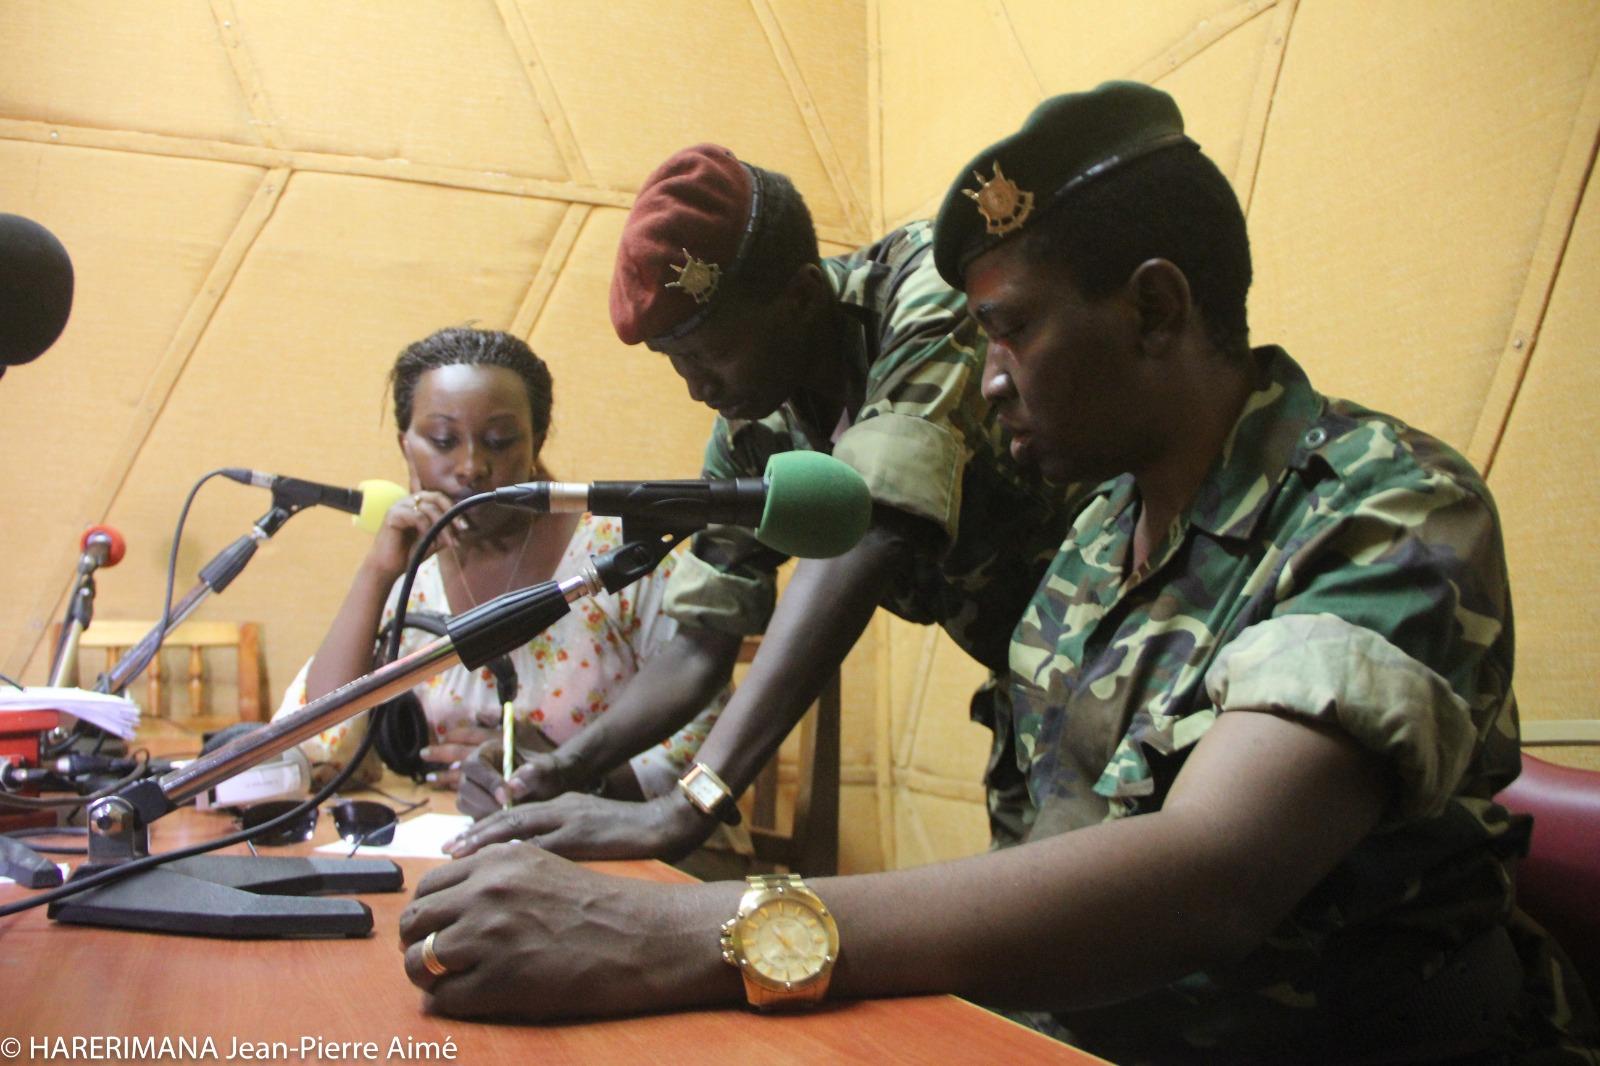 Les généraux Cyrille Ndayirukiye et Godefroid Niyombare, respectivement numéros deux et un dans le coup d'État raté de mai 2015 dans un studio de la RPA, le 13 mai 2015. Niyombare, respectivement numéros deux et un dans le coup d'État raté de mai 2015 dans un studio de la RPA,le 13 mai 2015.